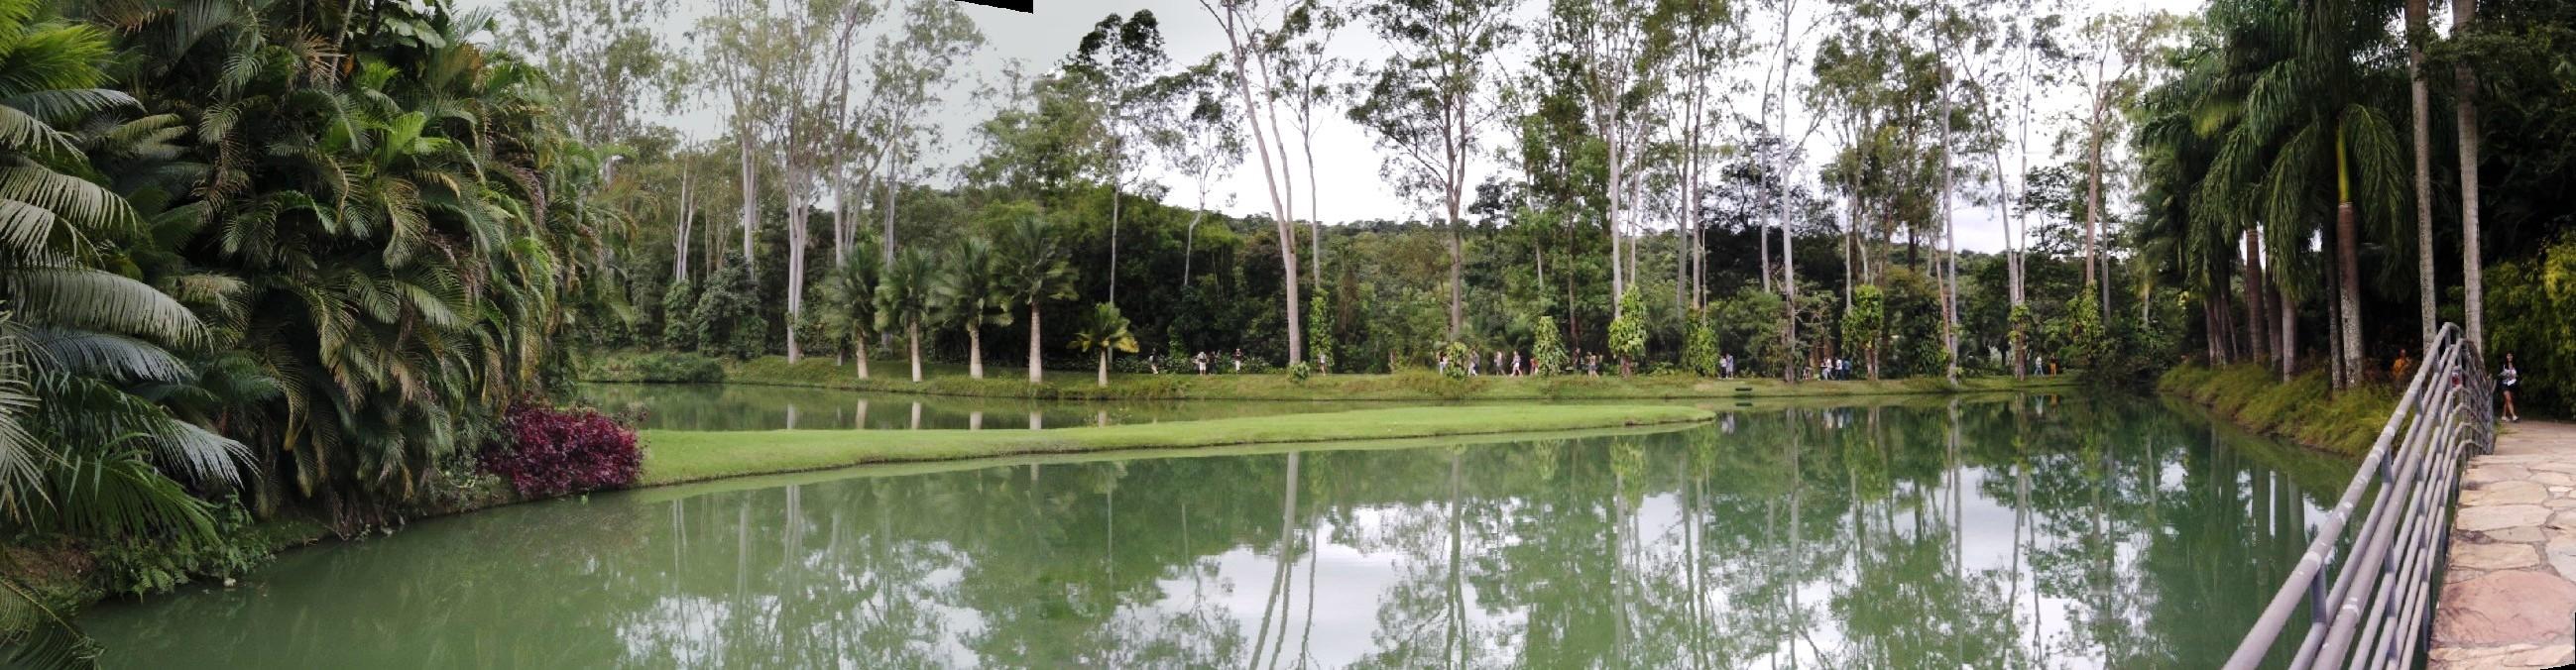 Sala do Luke  - Página 17 20120501130228